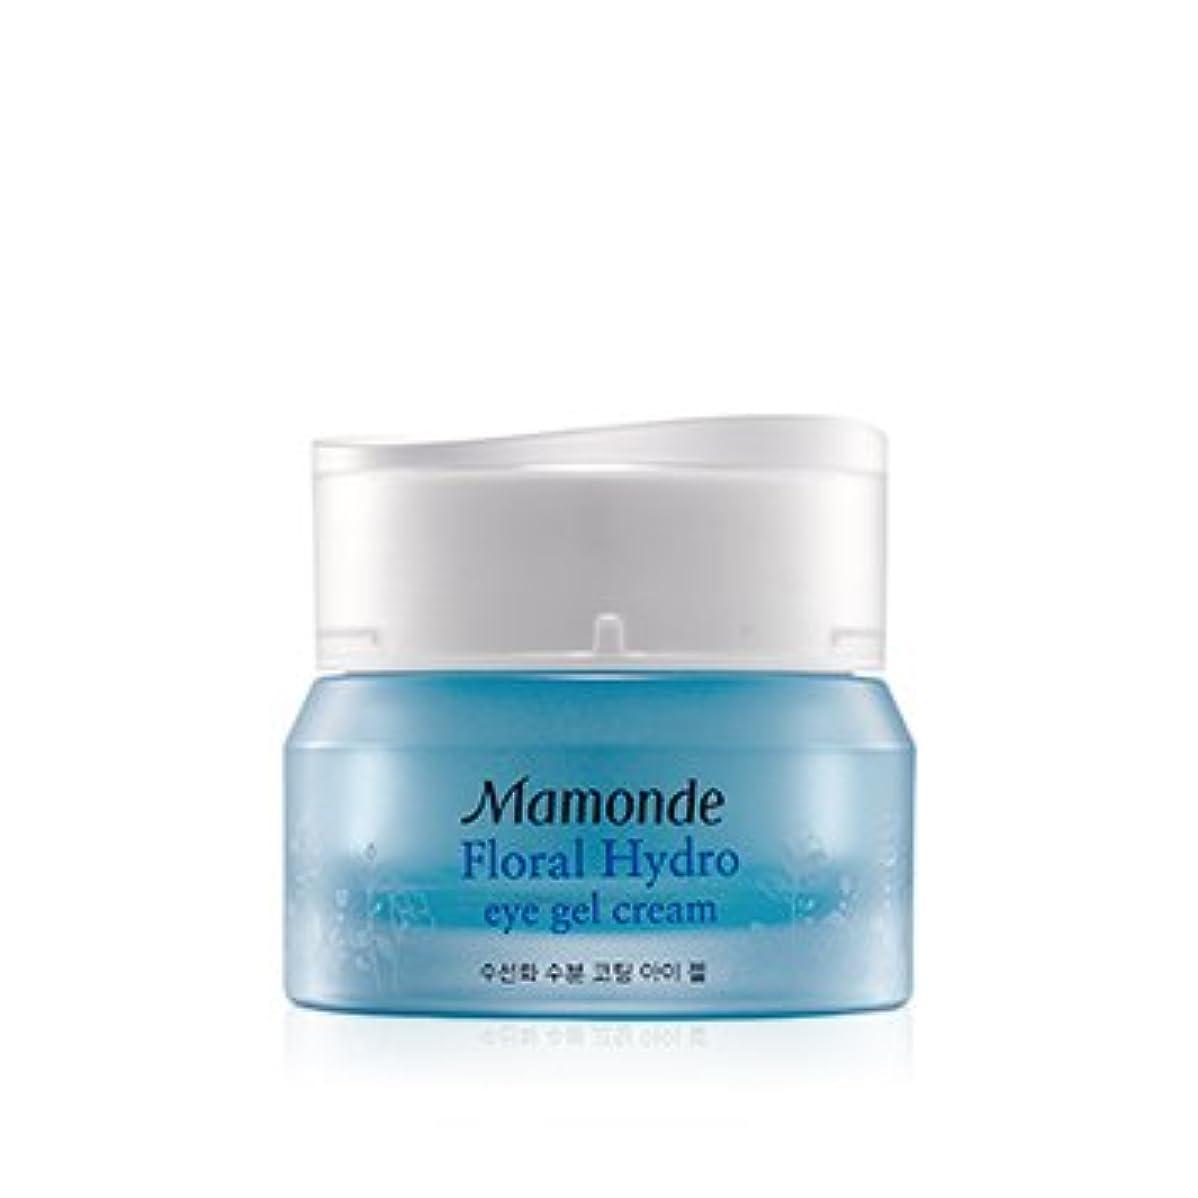 レバー番目ぐったり[2017 New] Mamonde Floral Hydro Eye Gel Cream 20ml/マモンド フローラル ハイドロ アイ ジェル クリーム 20ml [並行輸入品]